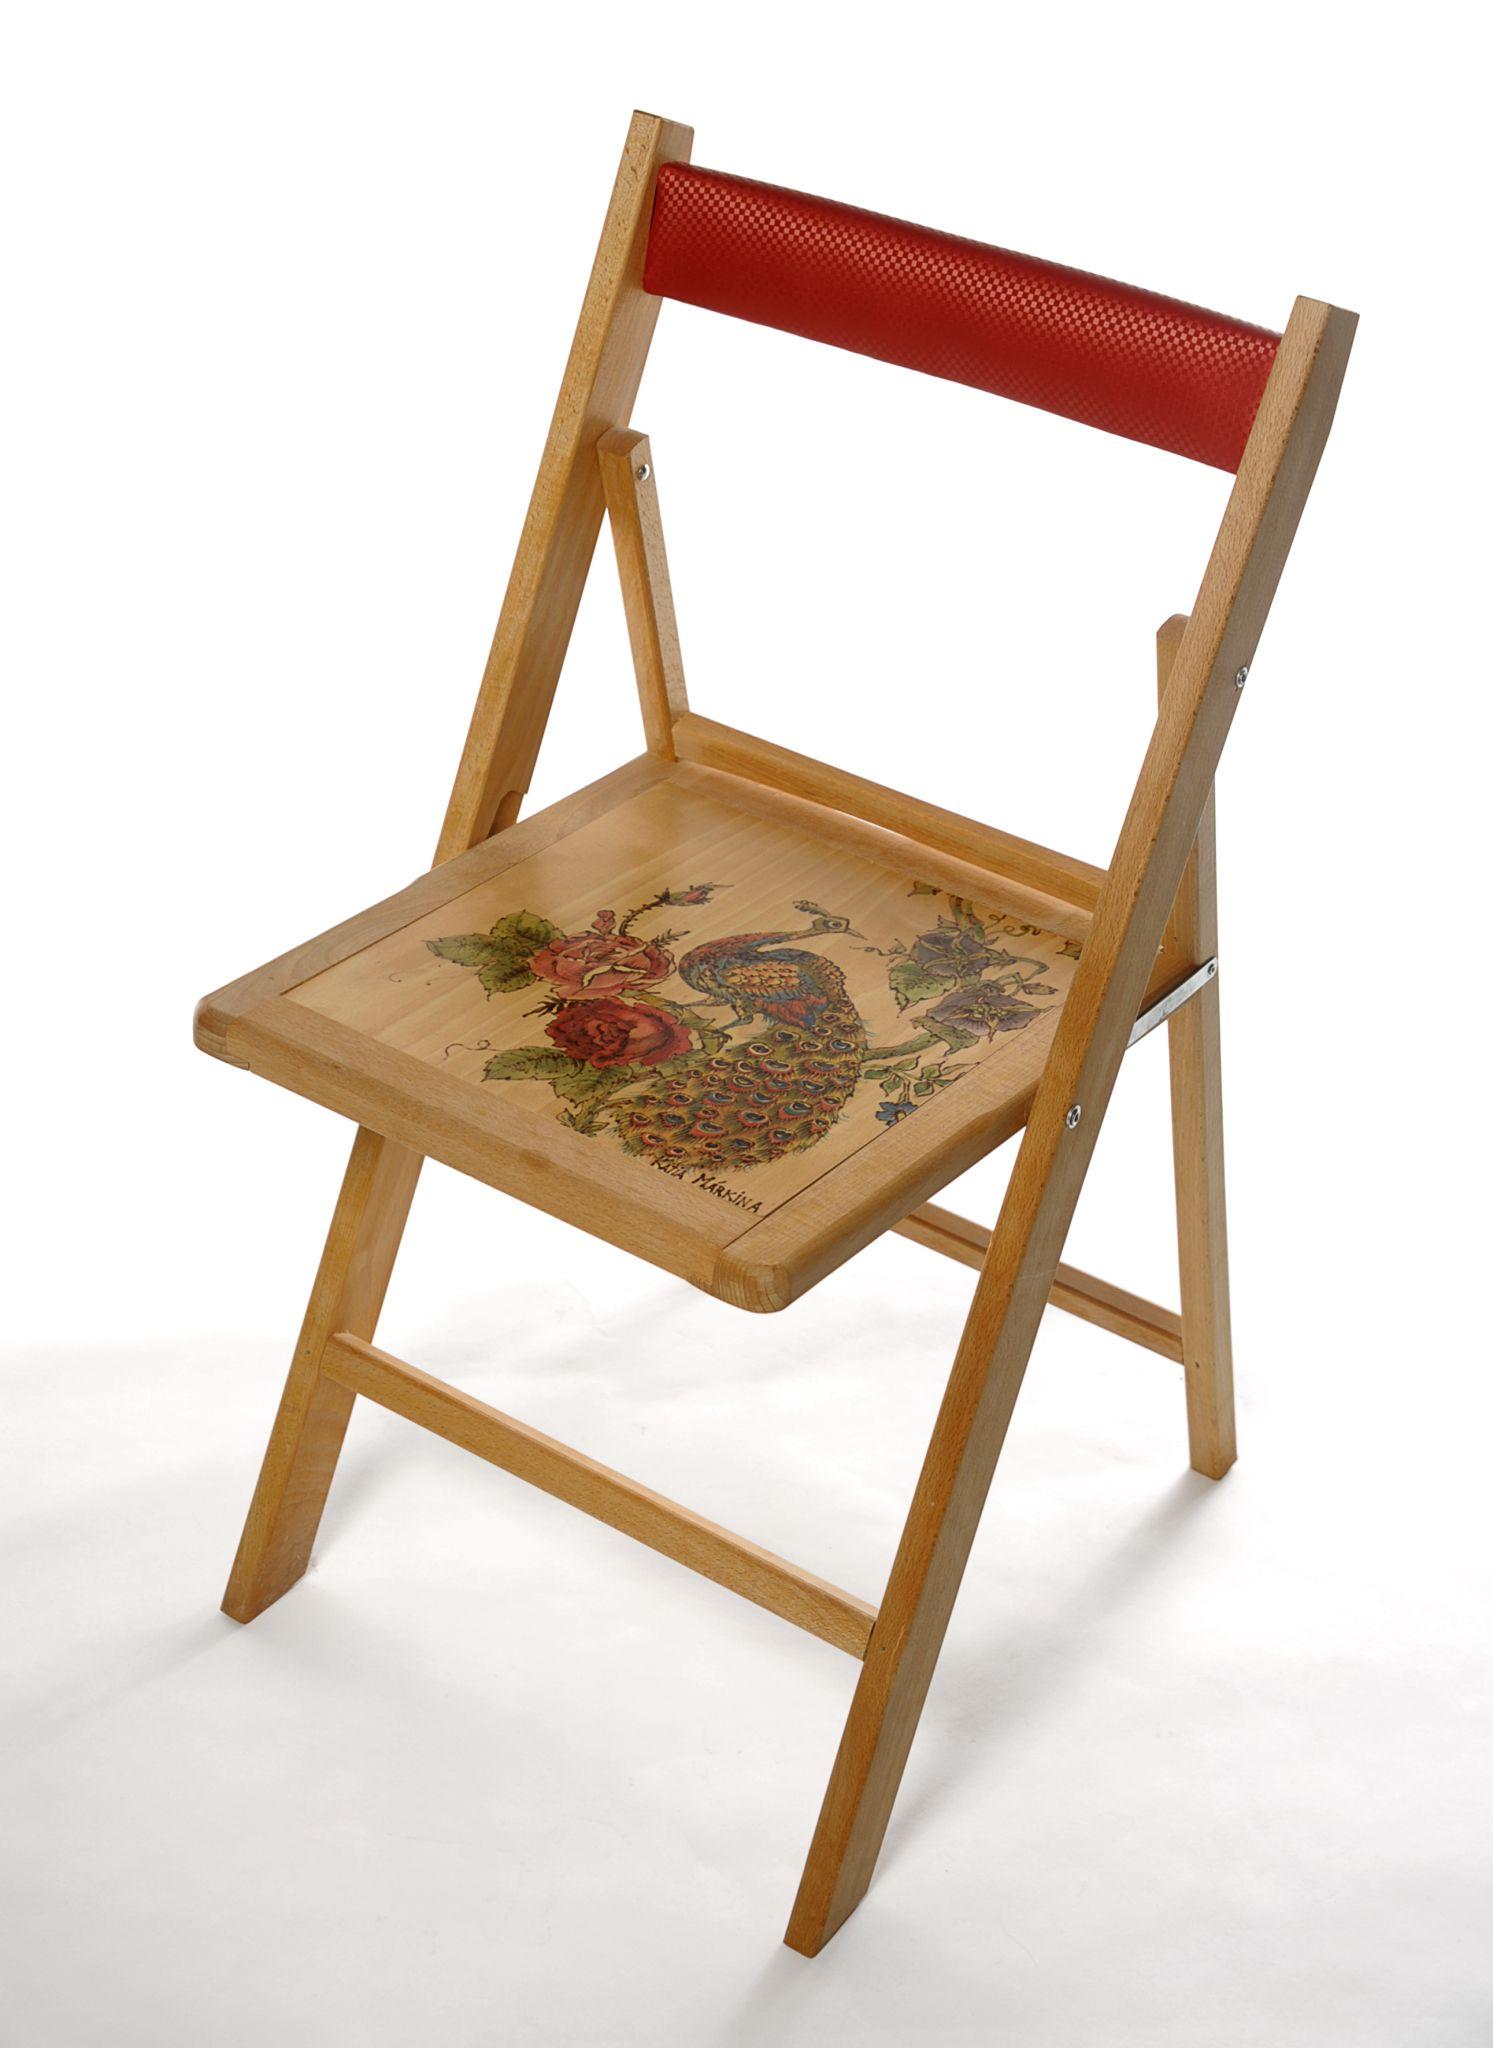 silla de fabrica GARSIA HERMANOS pirograbada y pintada a mano por Katia Markina Ezcaray.